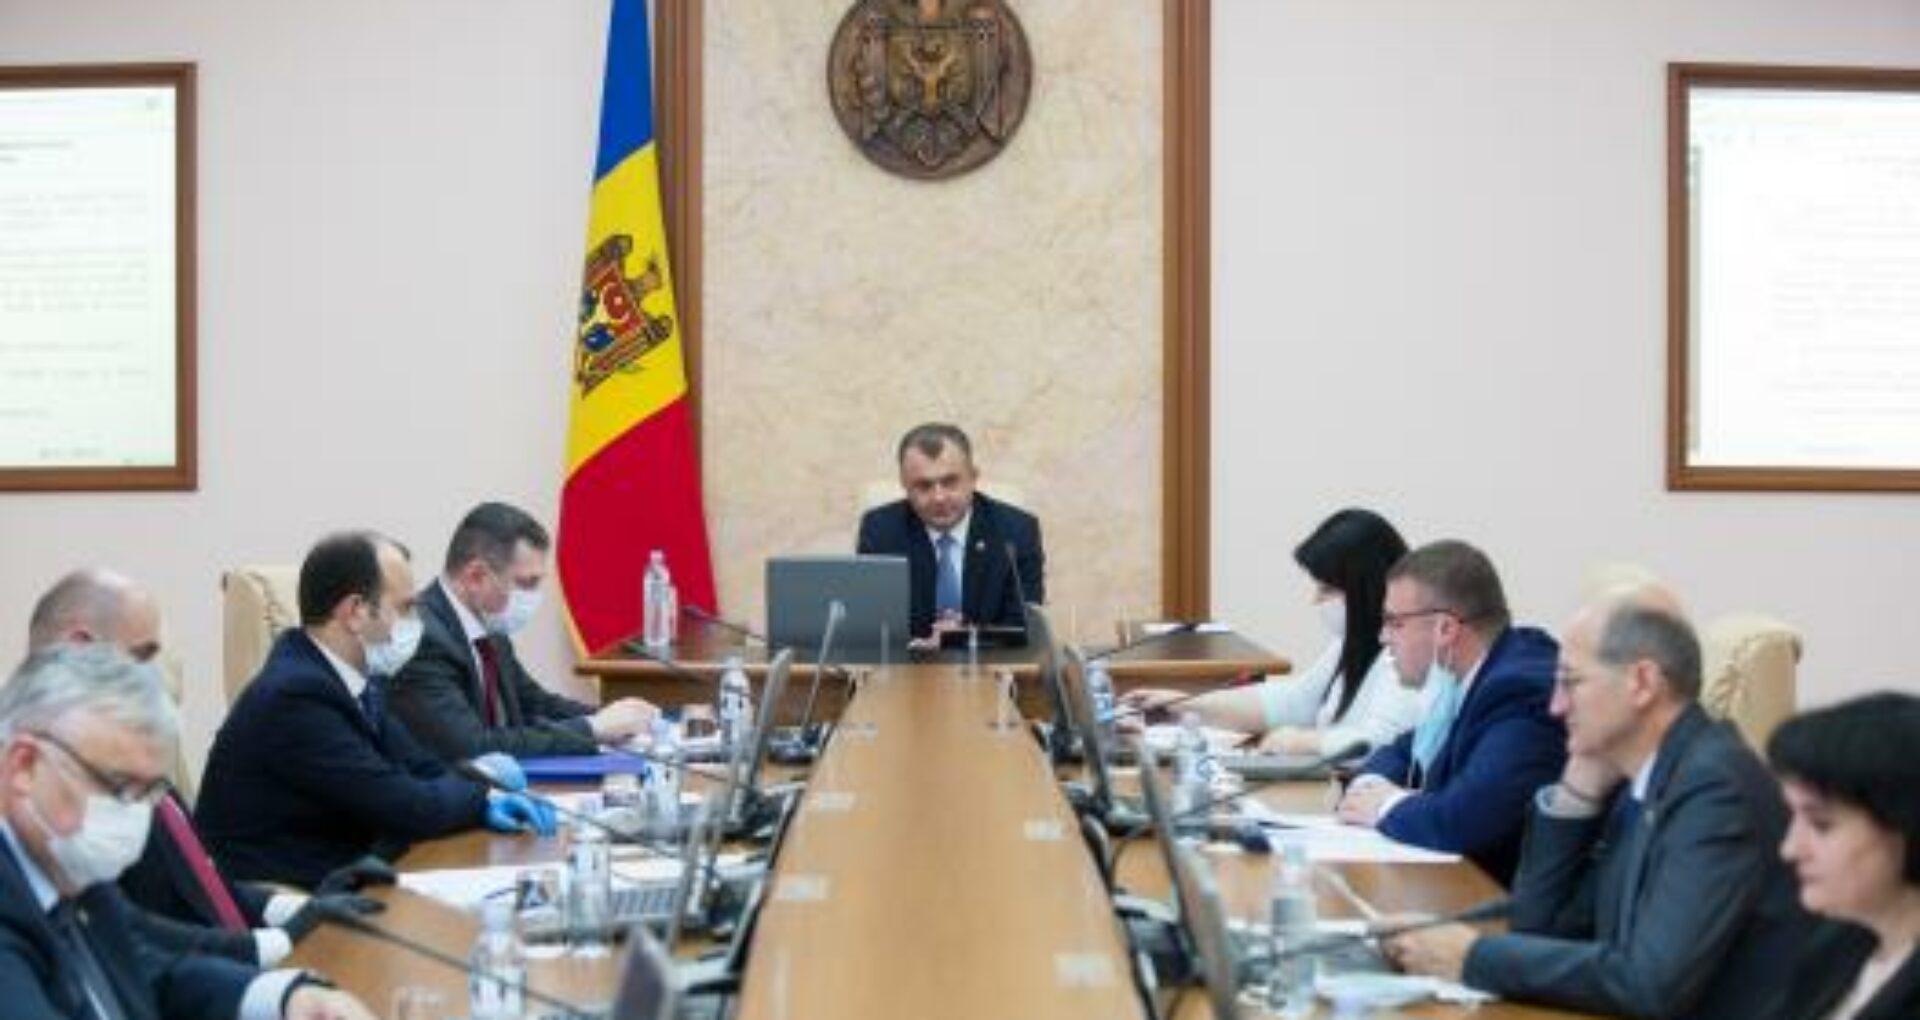 ULTIMA ORĂ/ Ion Chicu anunță revocarea celor 5 miniștri democrați din Guvern și numirea altor persoane în funcții până la sfârșitul zilei